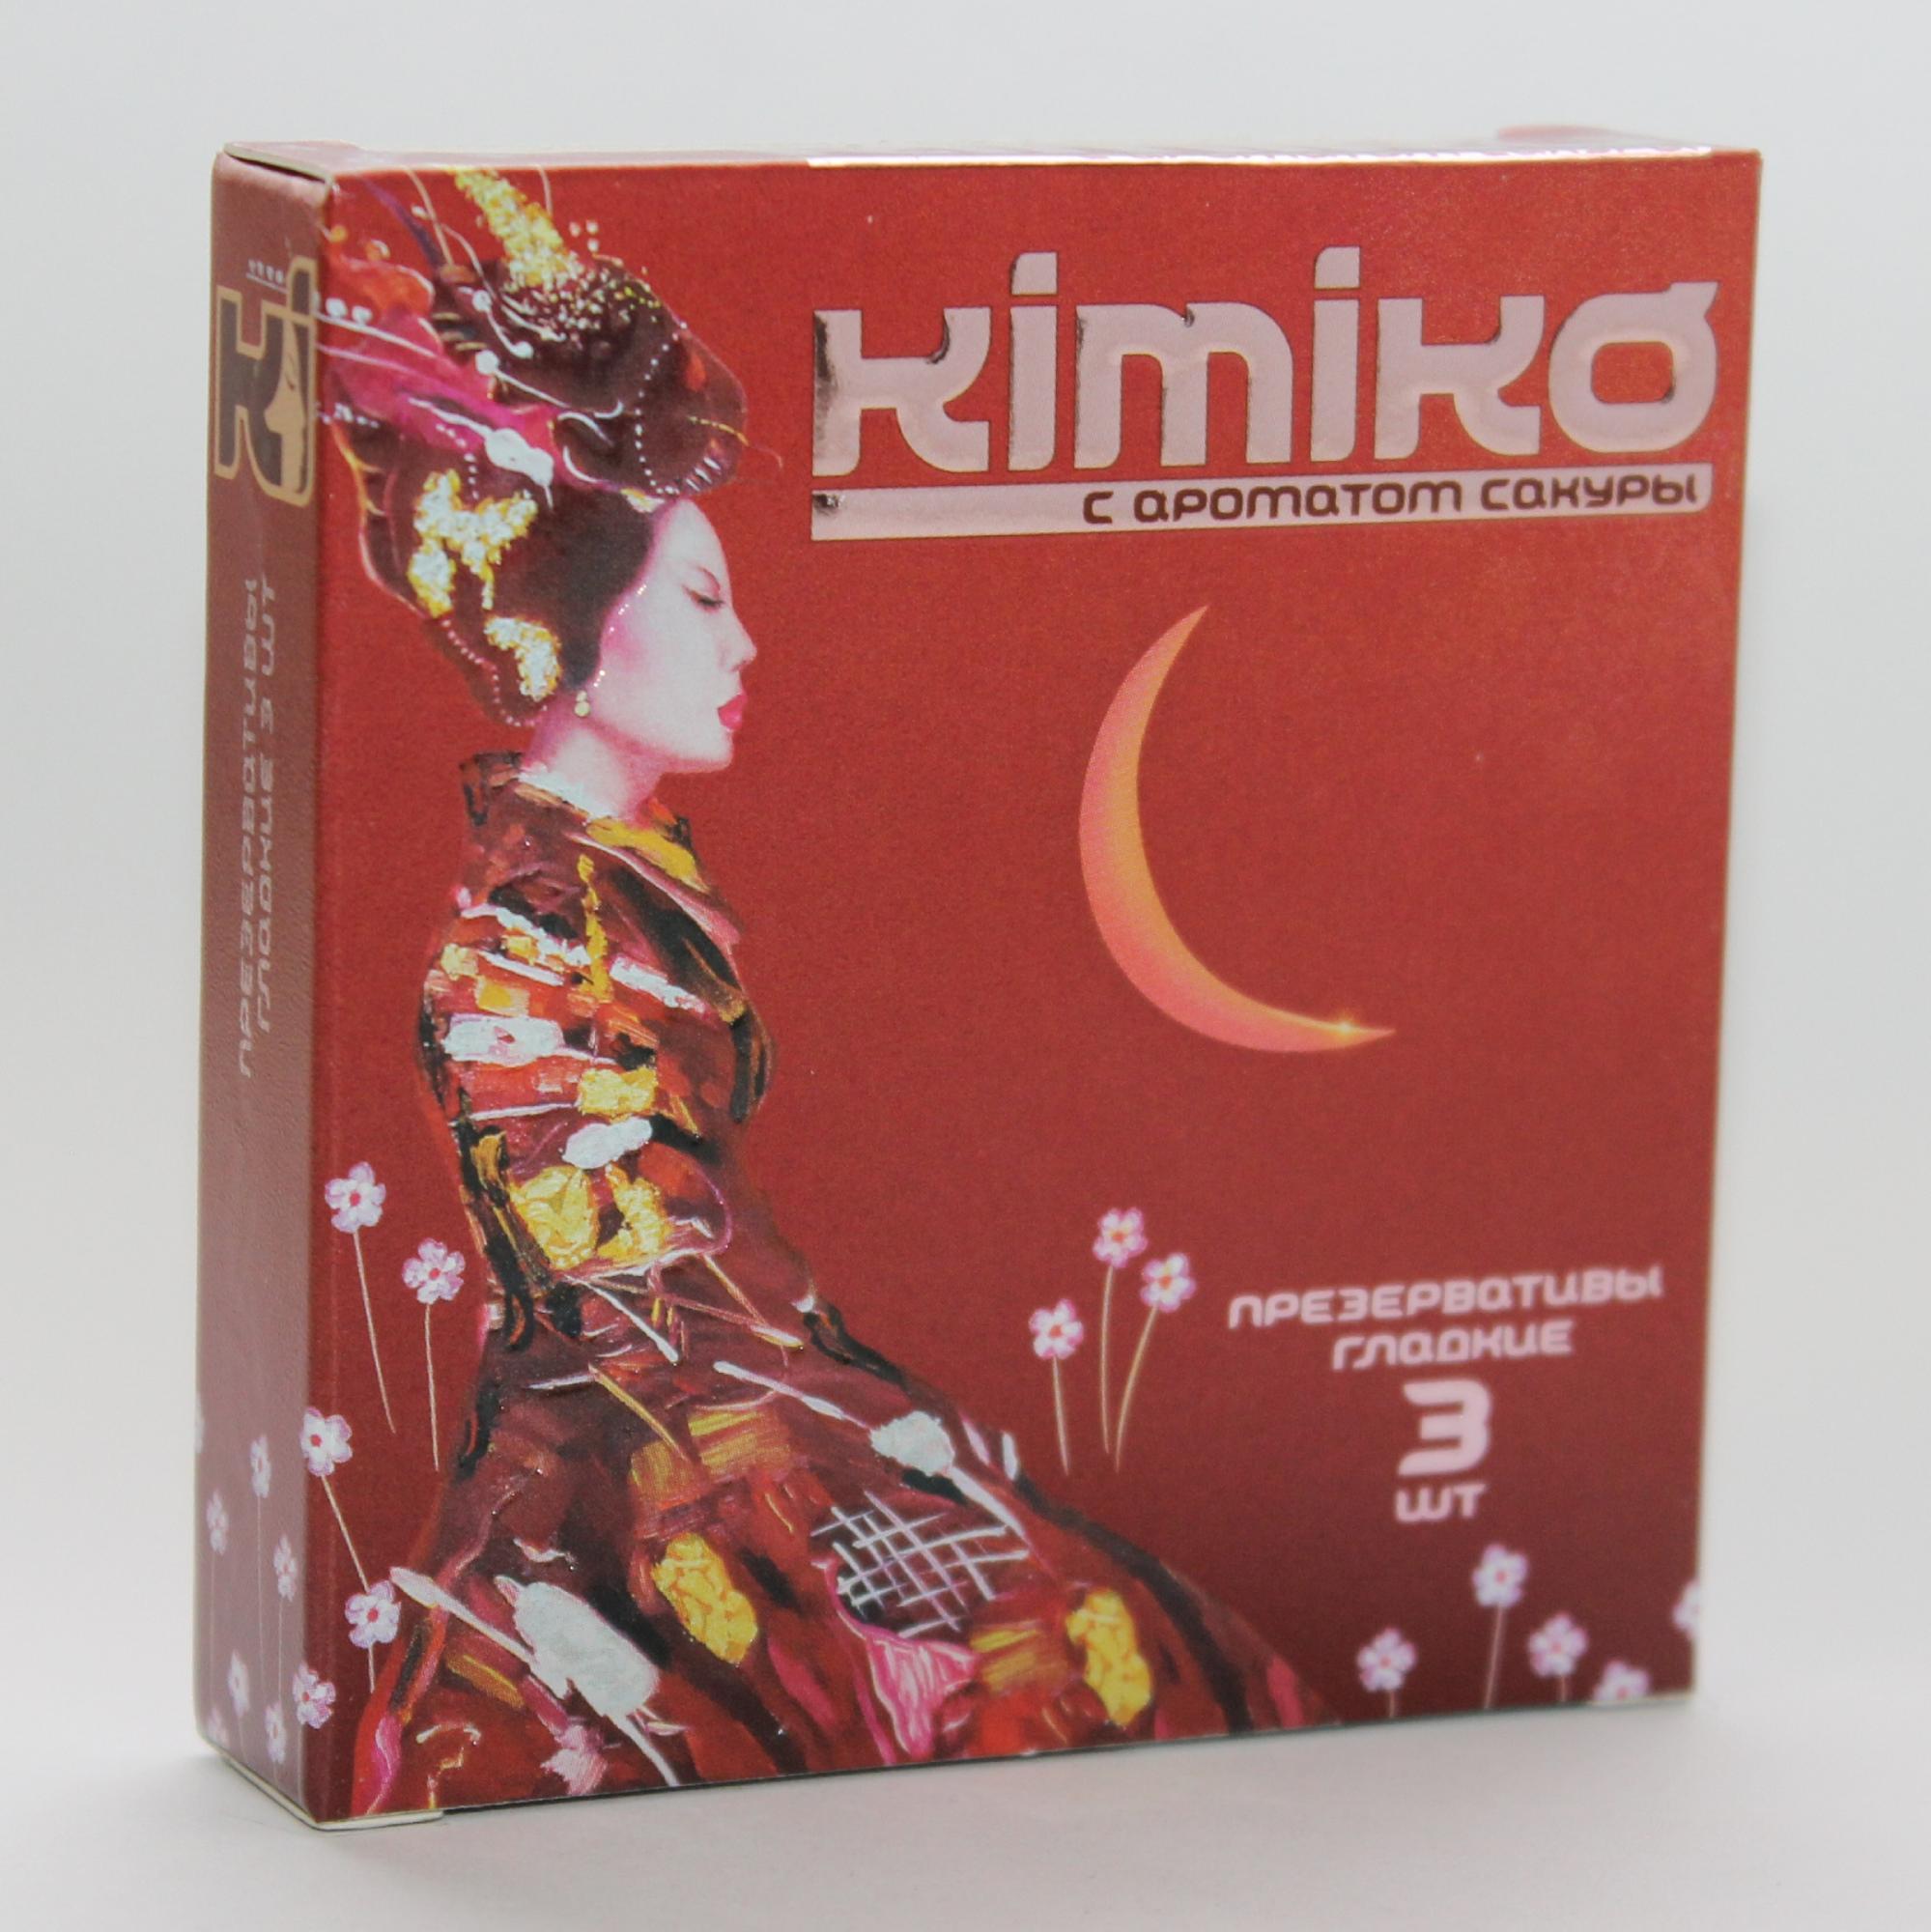 Презервативы KIMIKO  с ароматом сакуры,  3 шт.